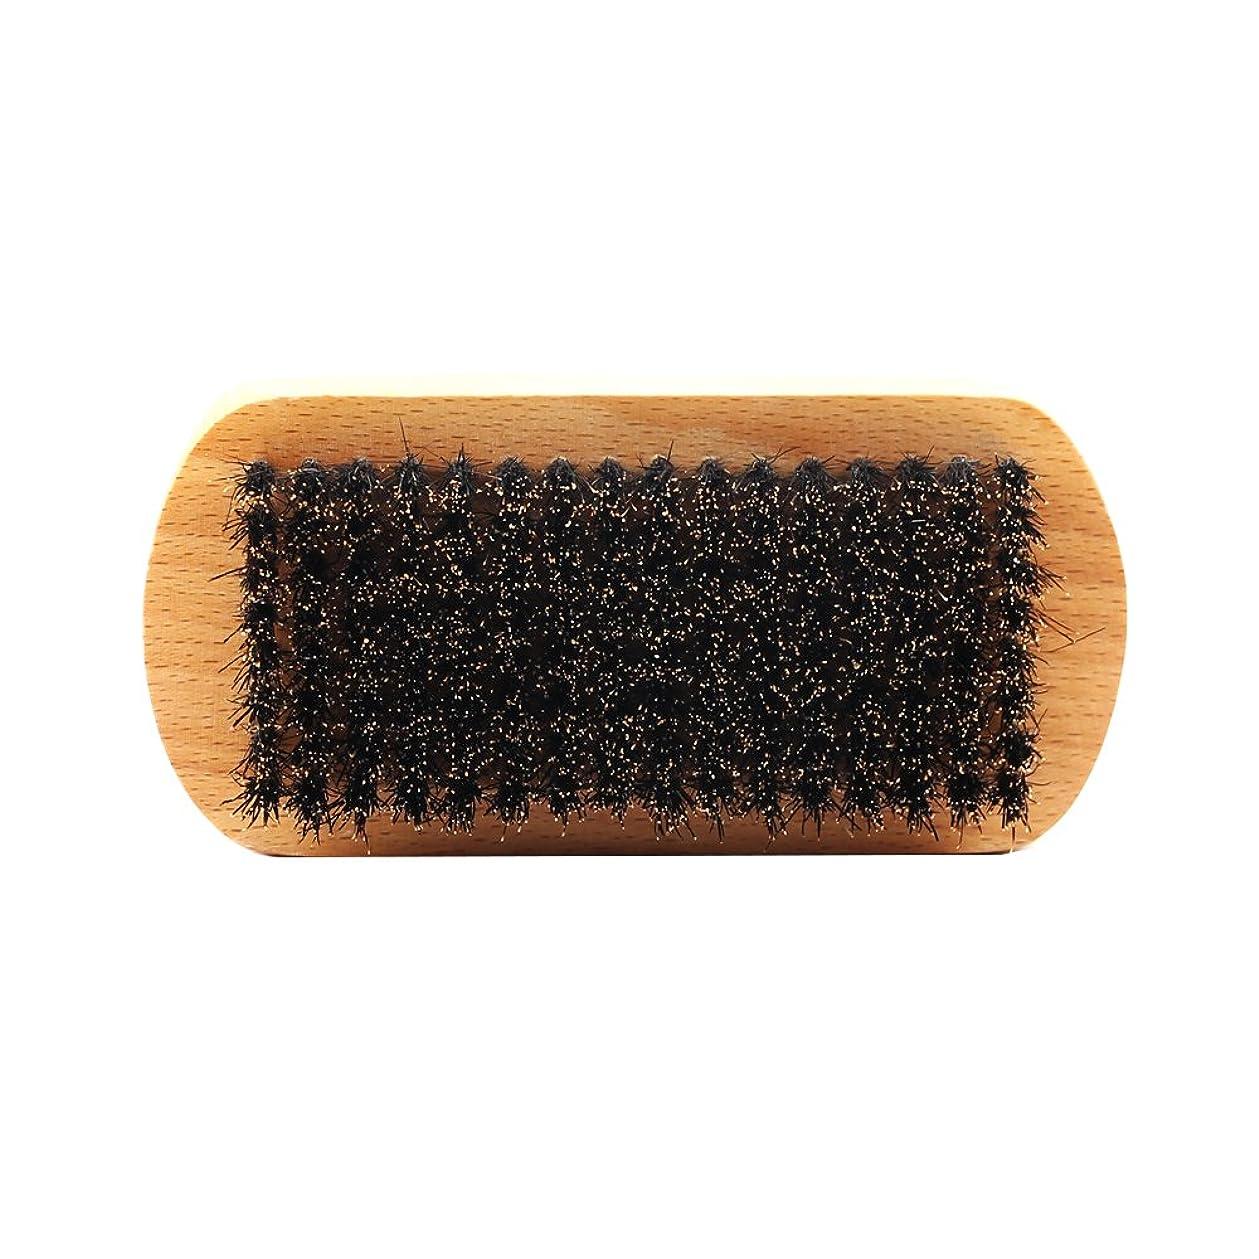 前者遠征細分化するPerfeclan ビュアブラシ 男性 ひげ剃り ブリスル 天然木ハンドル ひげそり 2タイプ選べる - #1